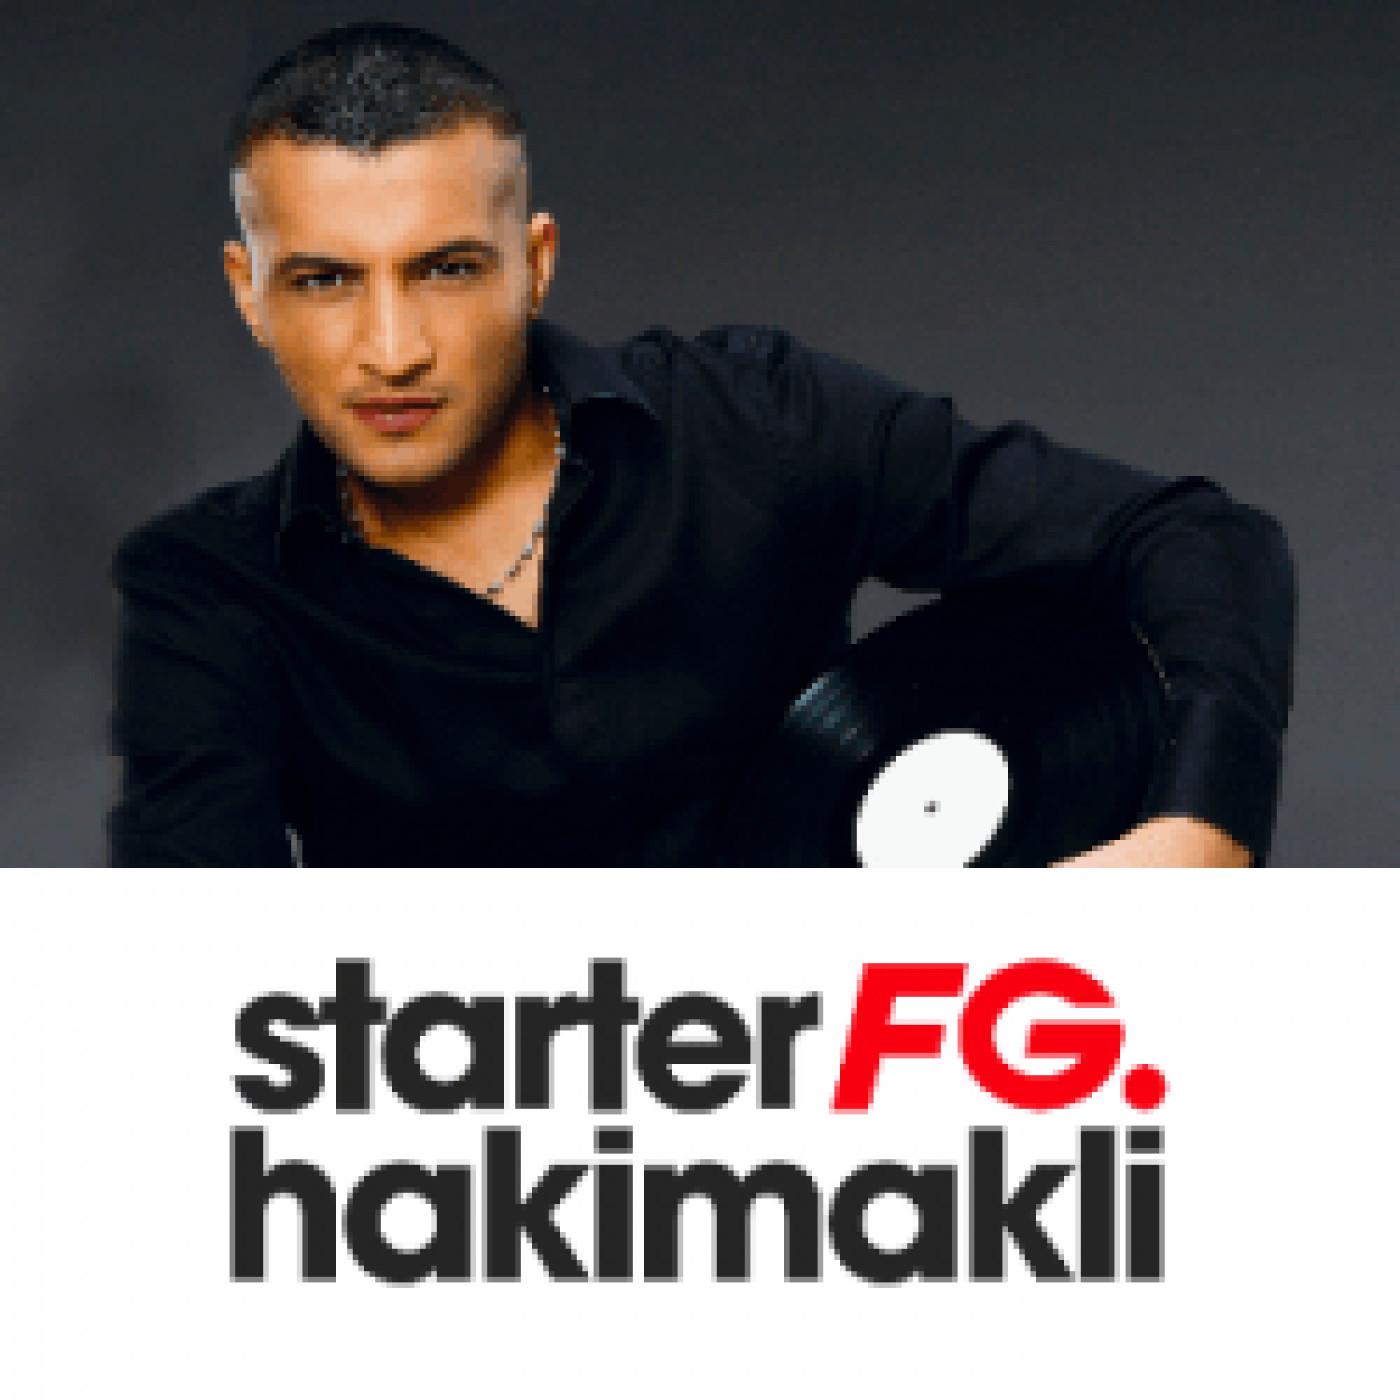 STARTER FG BY HAKIMAKLI LUNDI 21 SEPTEMBRE 2020